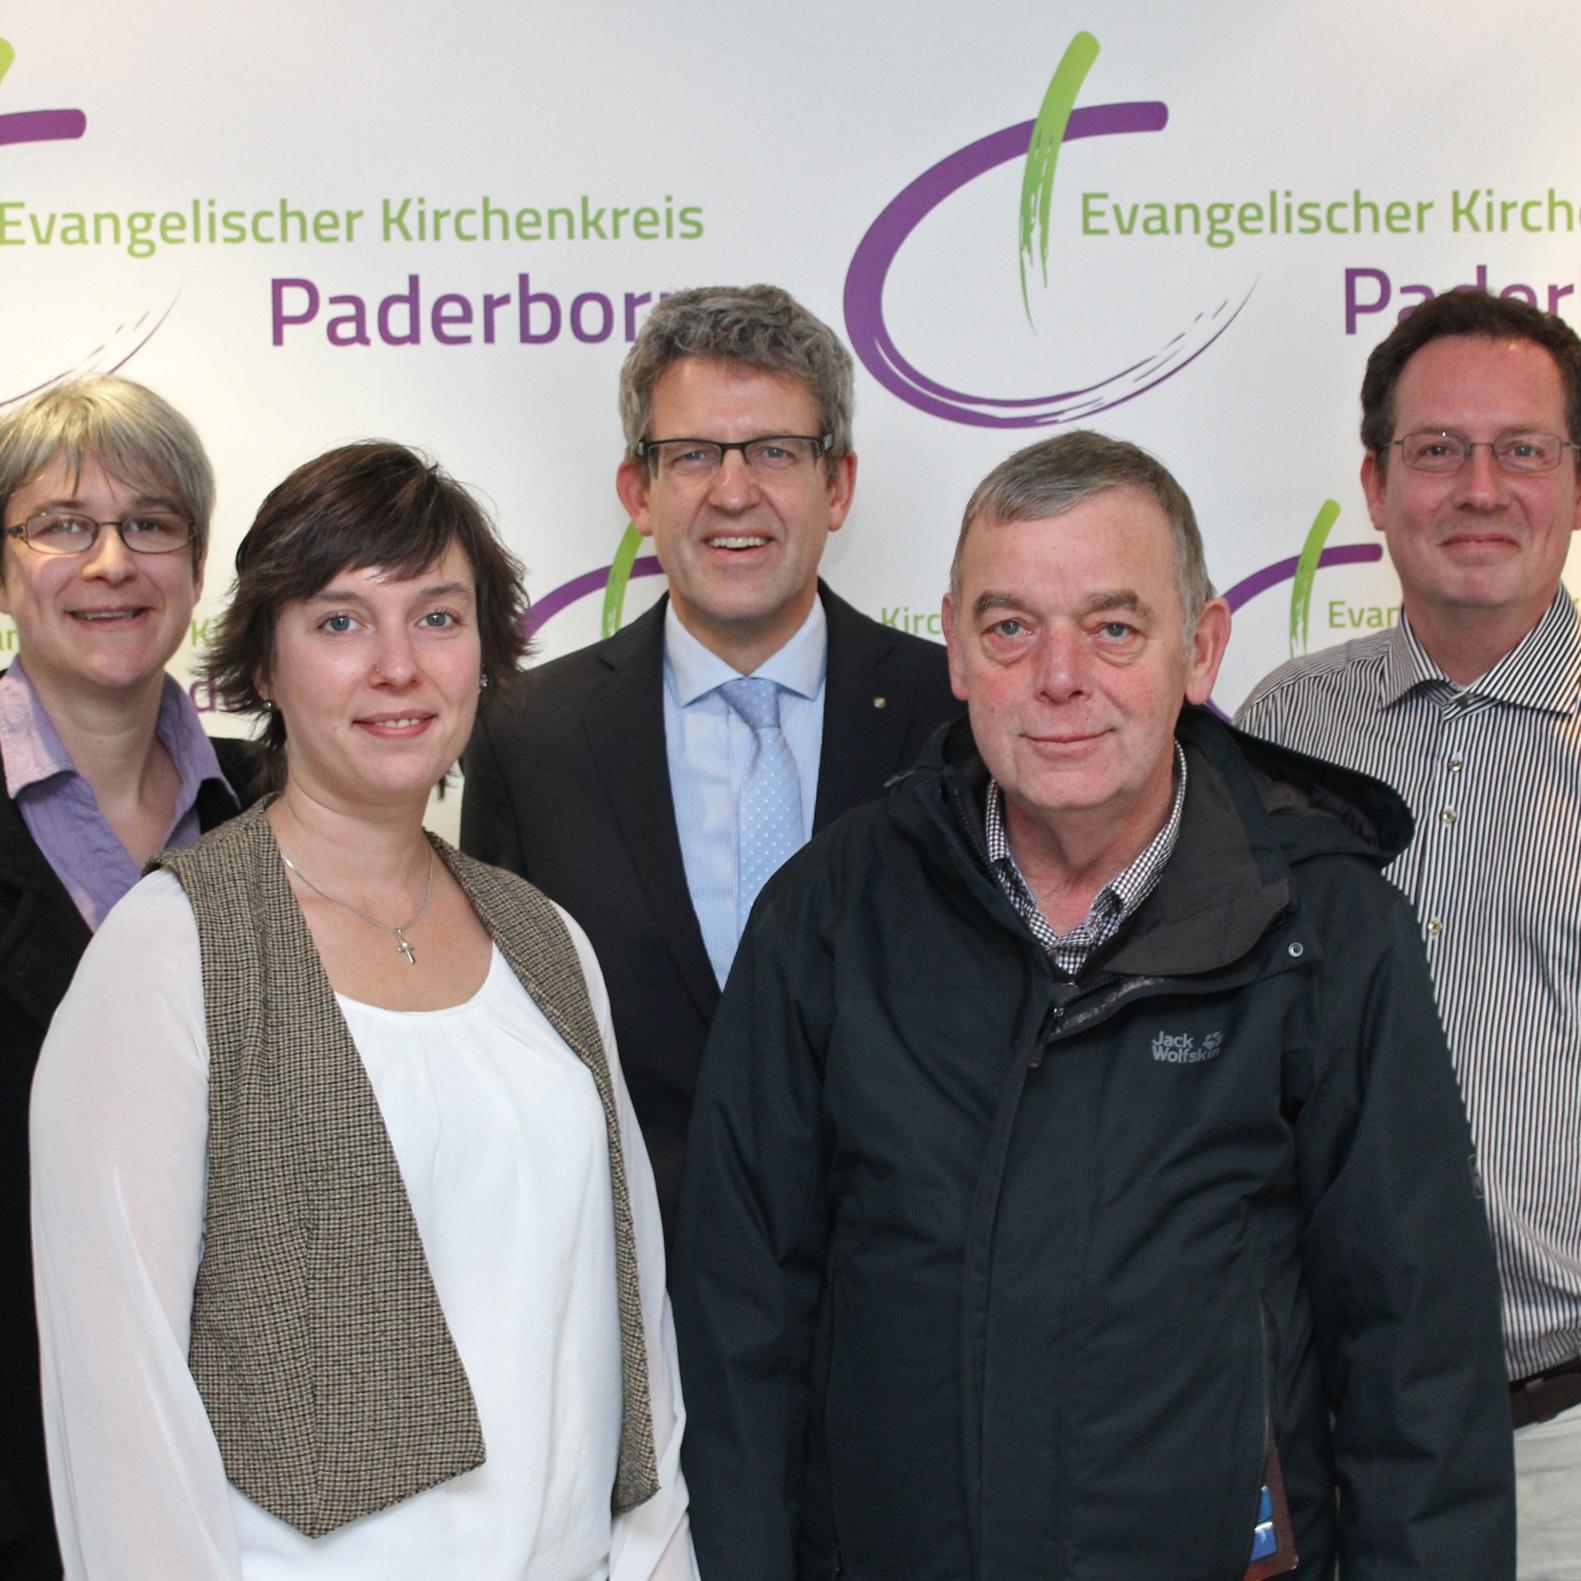 Bis Frühjahr in der Evangelischen Kirchengemeinde Altkreis Warburg Pfarrerin Daniela Walter unterstützt das Pfarrteam